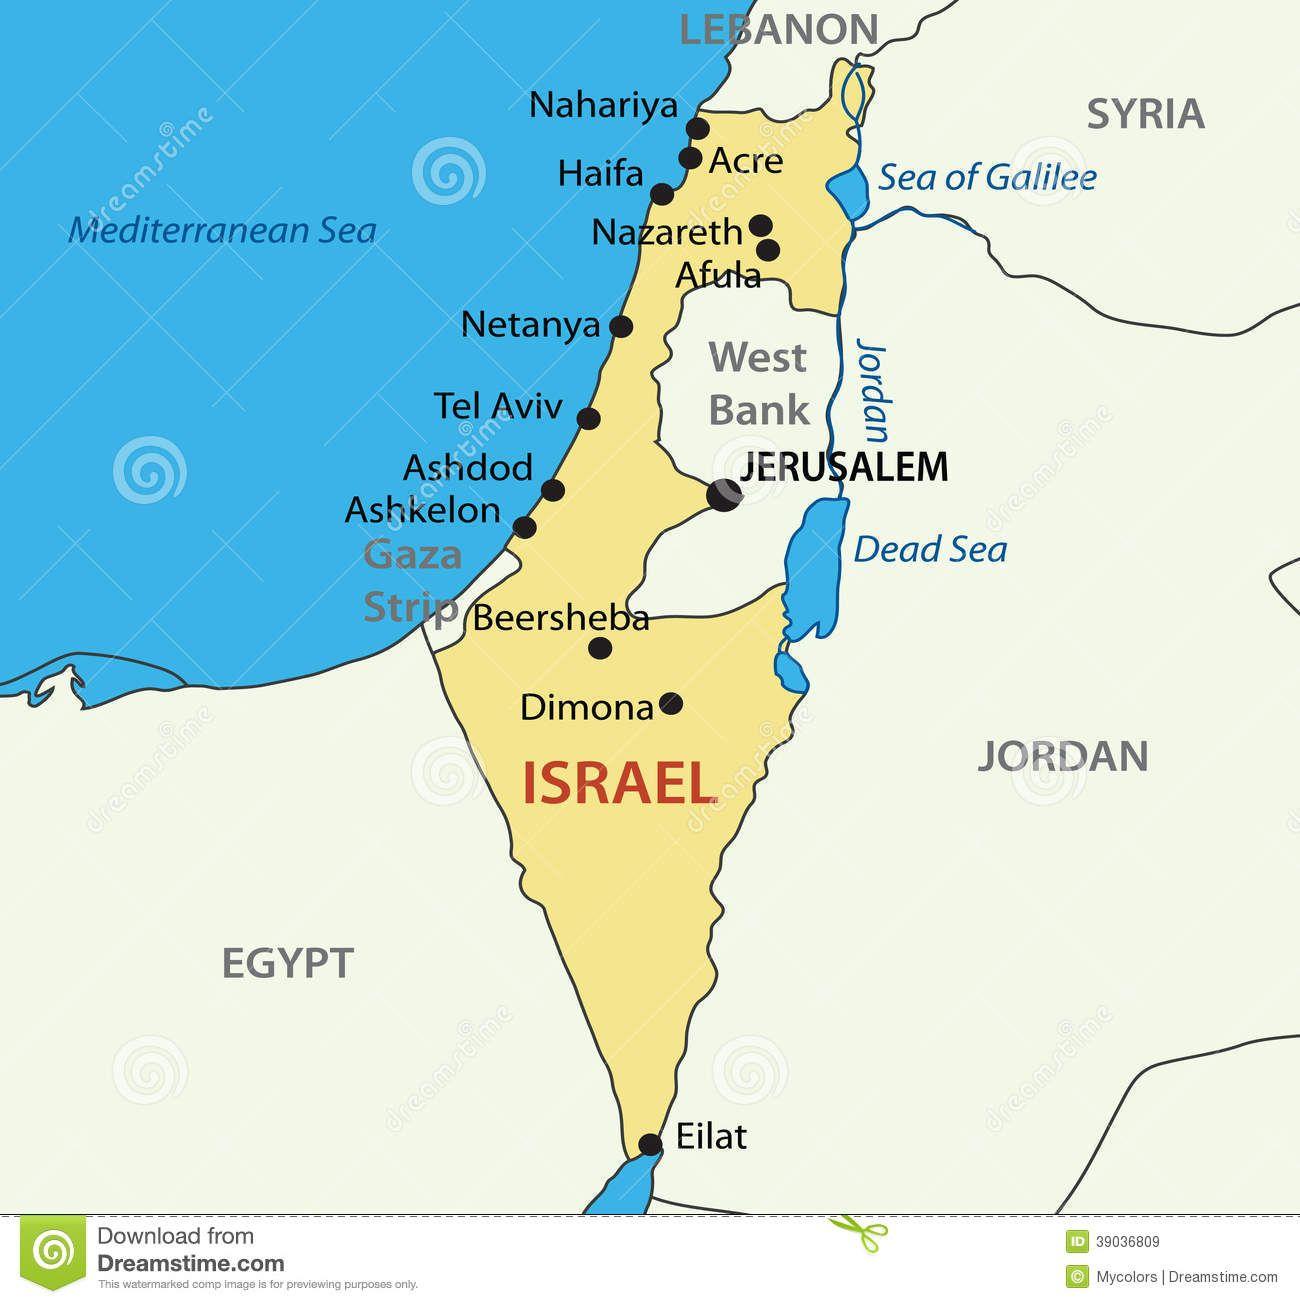 stateisraelmapvectoreps39036809jpg 13001304